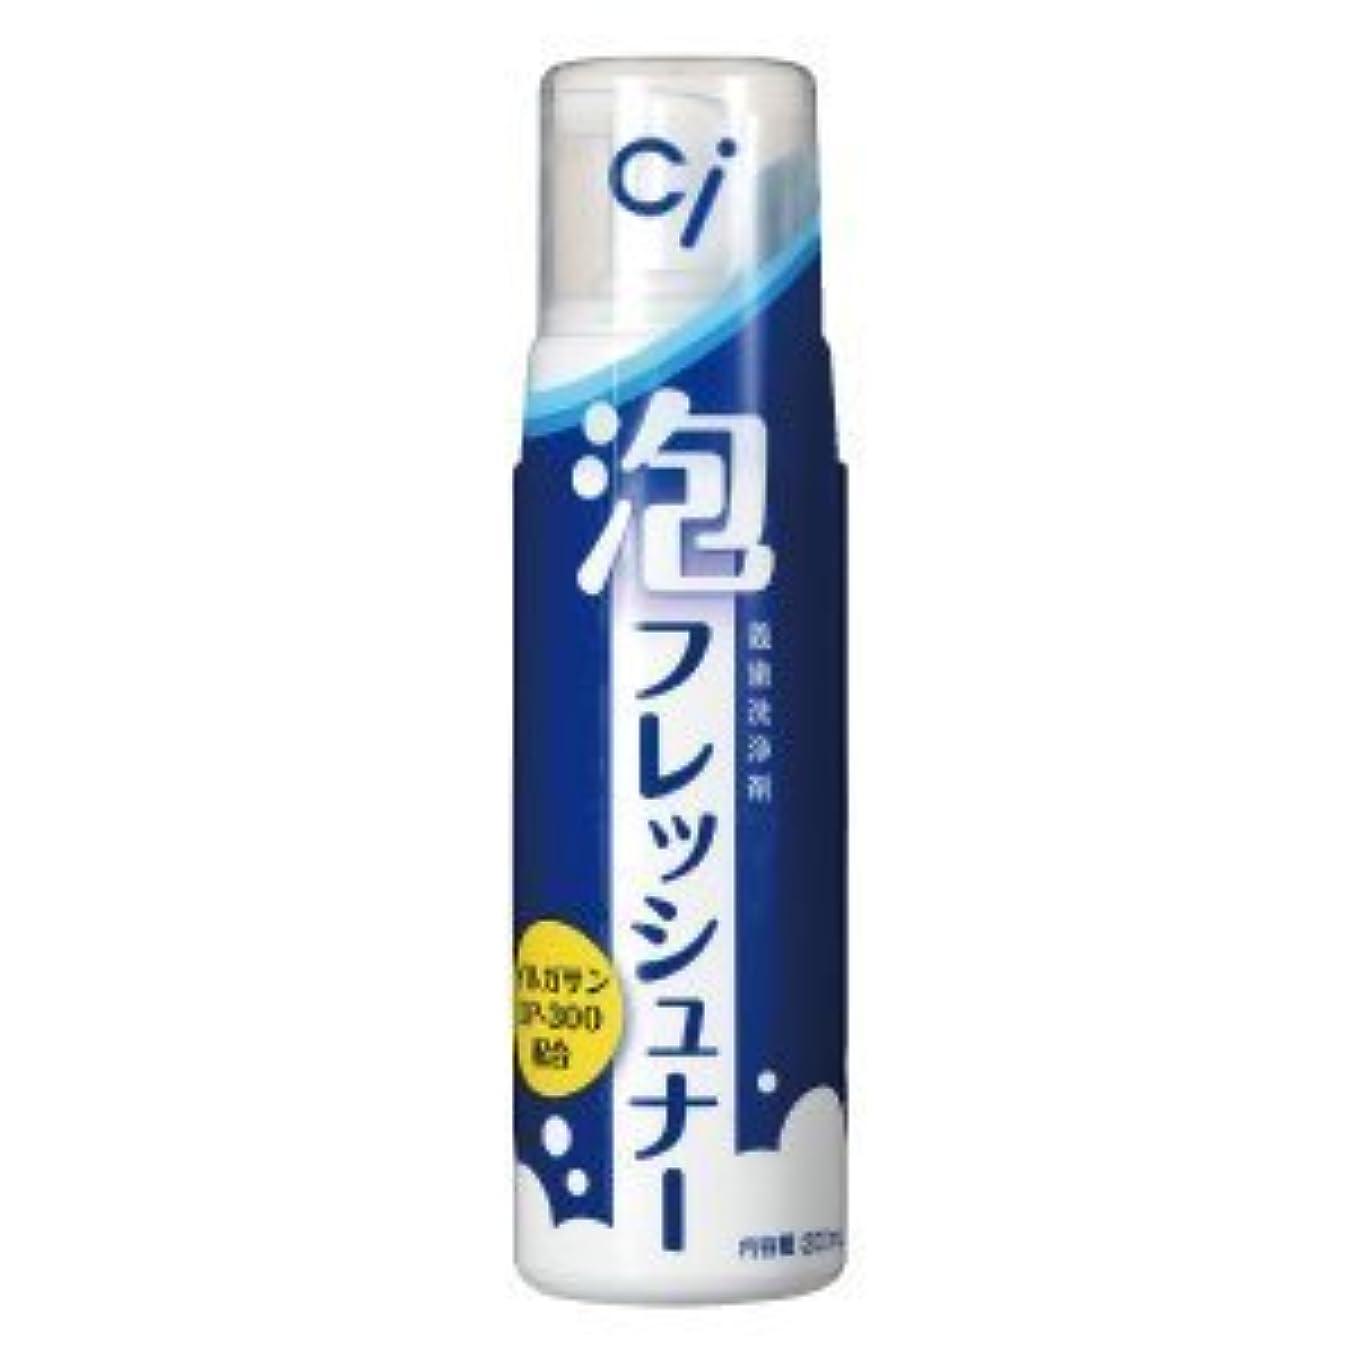 農業のウェブオーディションCi 泡フレッシュナー 義歯洗浄剤 1本(200ml)